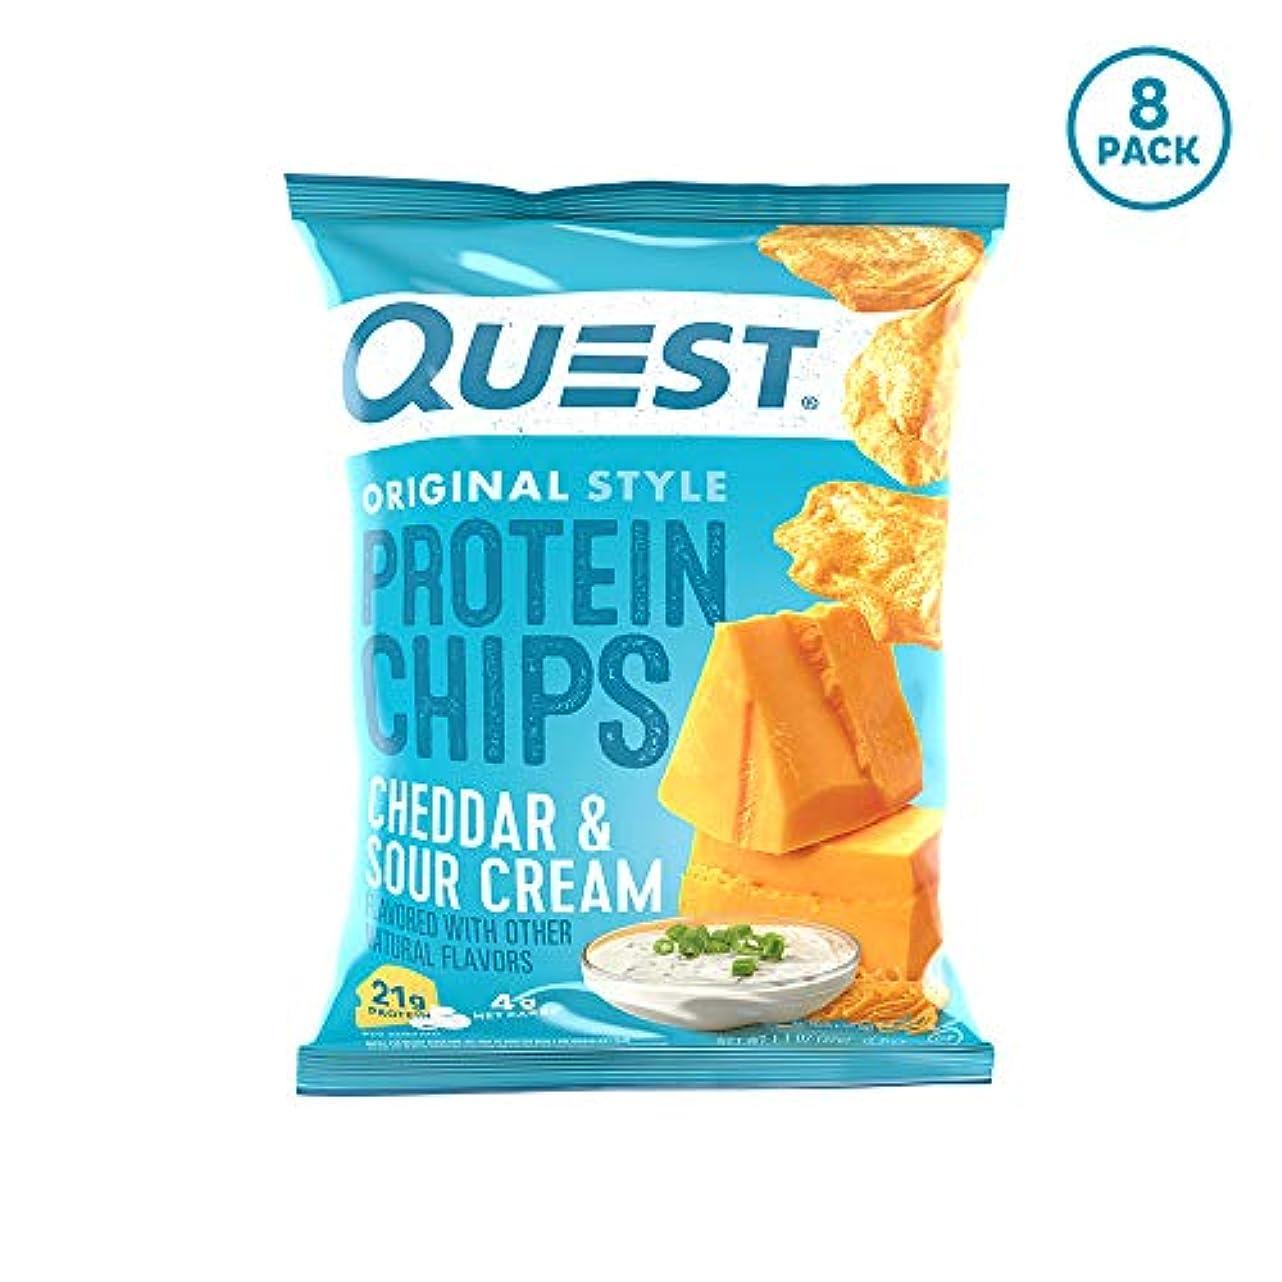 規定取得する多年生プロテイン チップス チェダーサワークリーム フレイバー クエスト 8袋セット 並行輸入品 Quest Nutrition Protein Chips Cheddar & Sour Cream Pack of 8 海外直送品